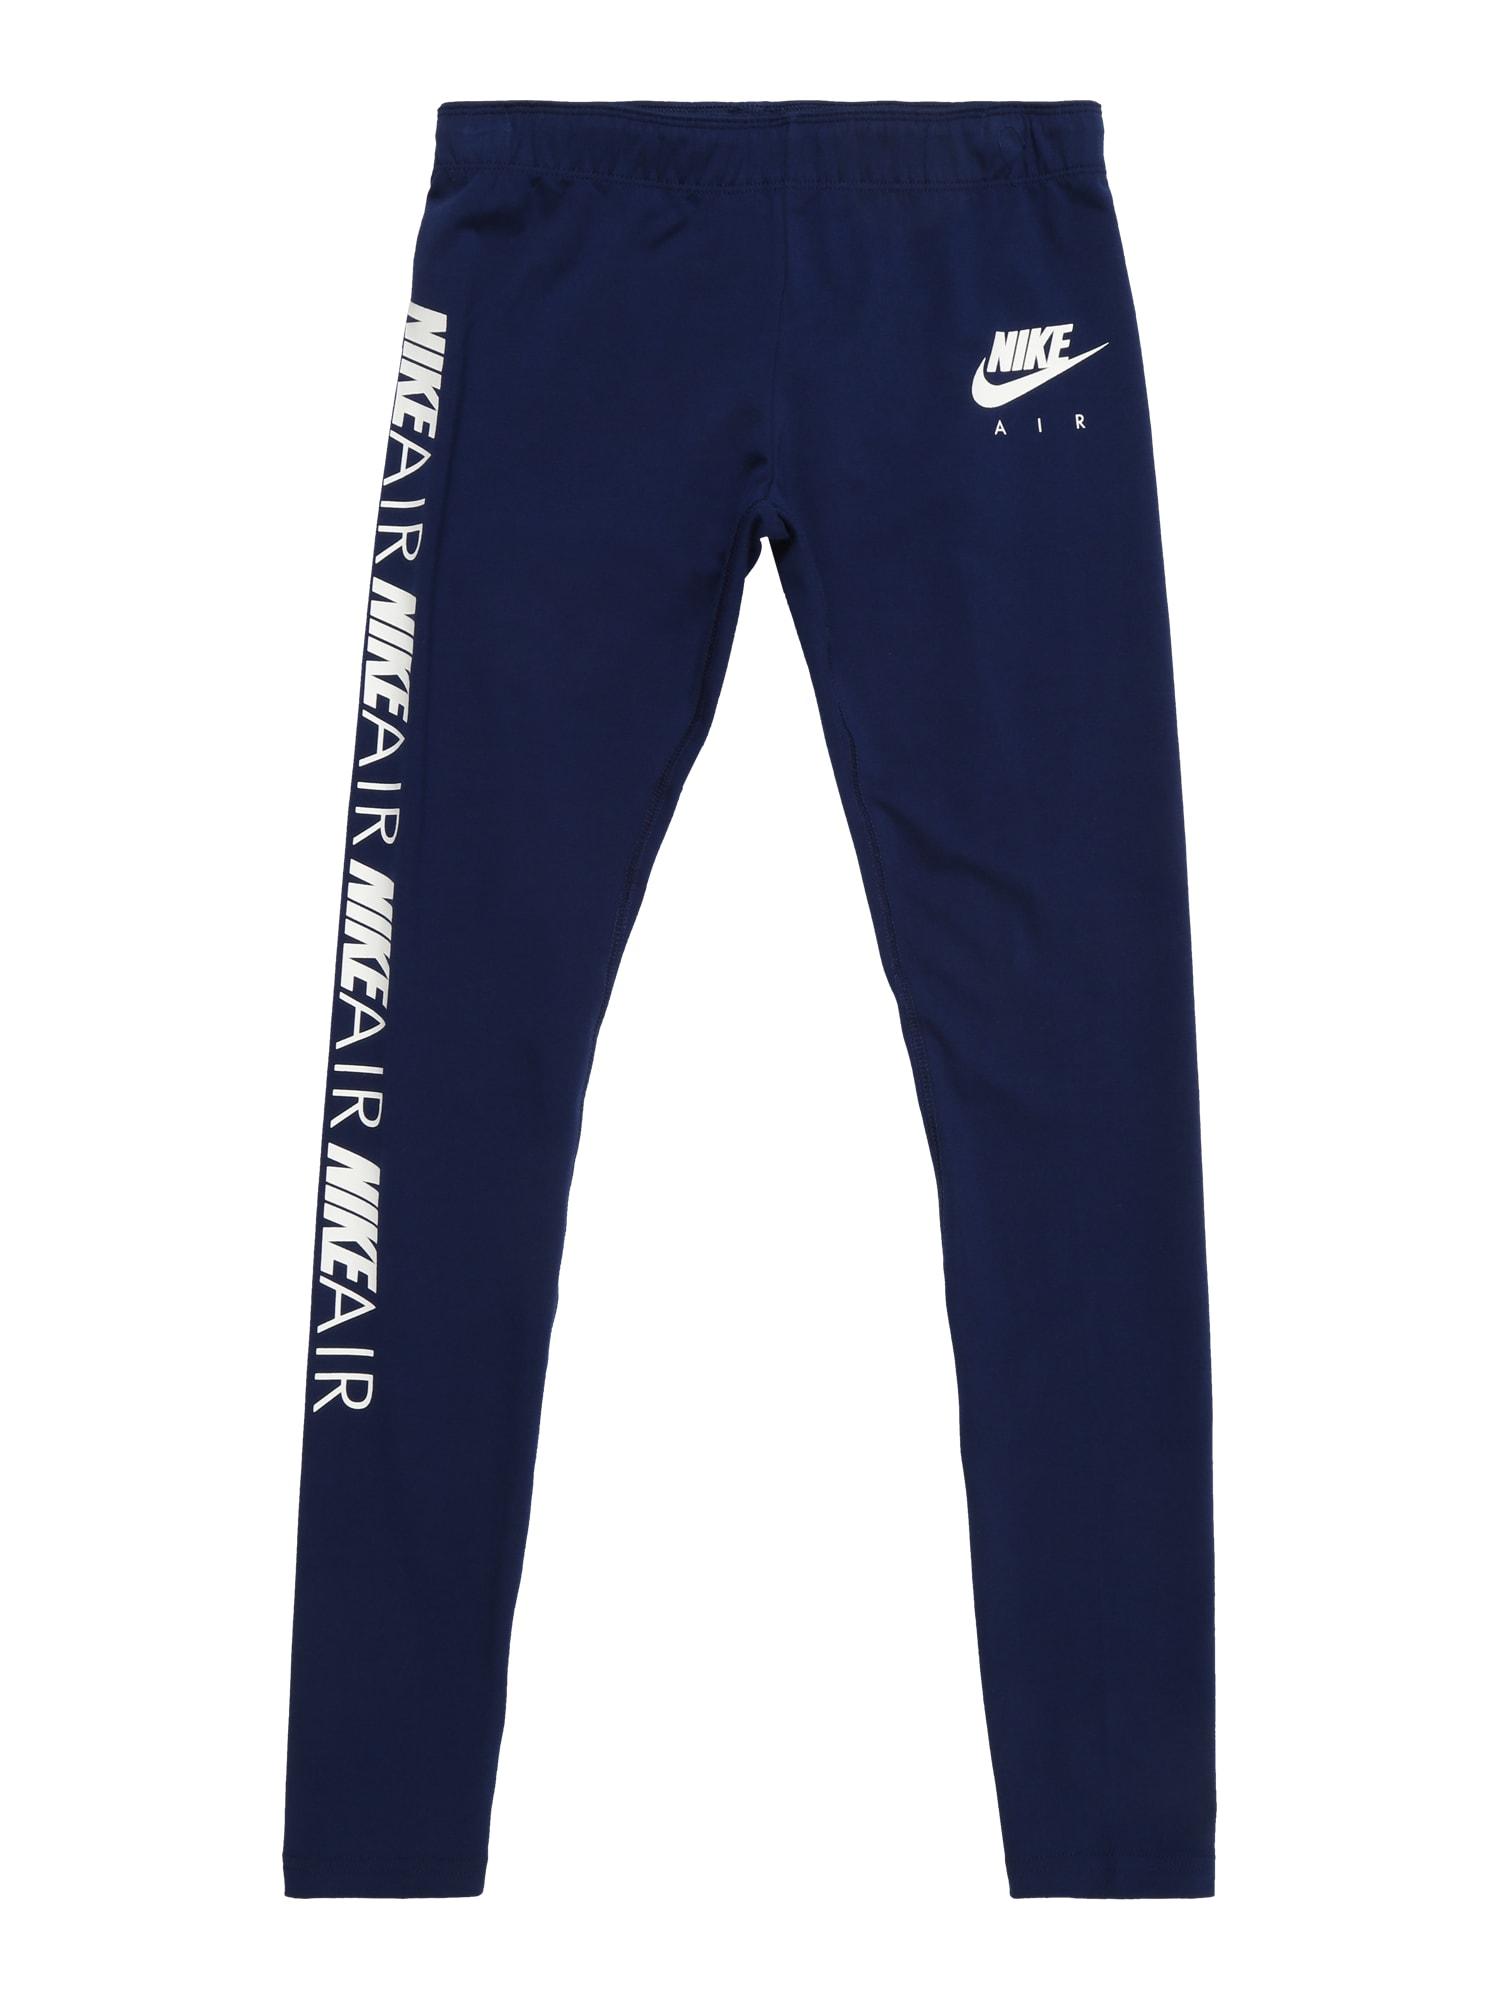 Legíny tmavě modrá bílá Nike Sportswear